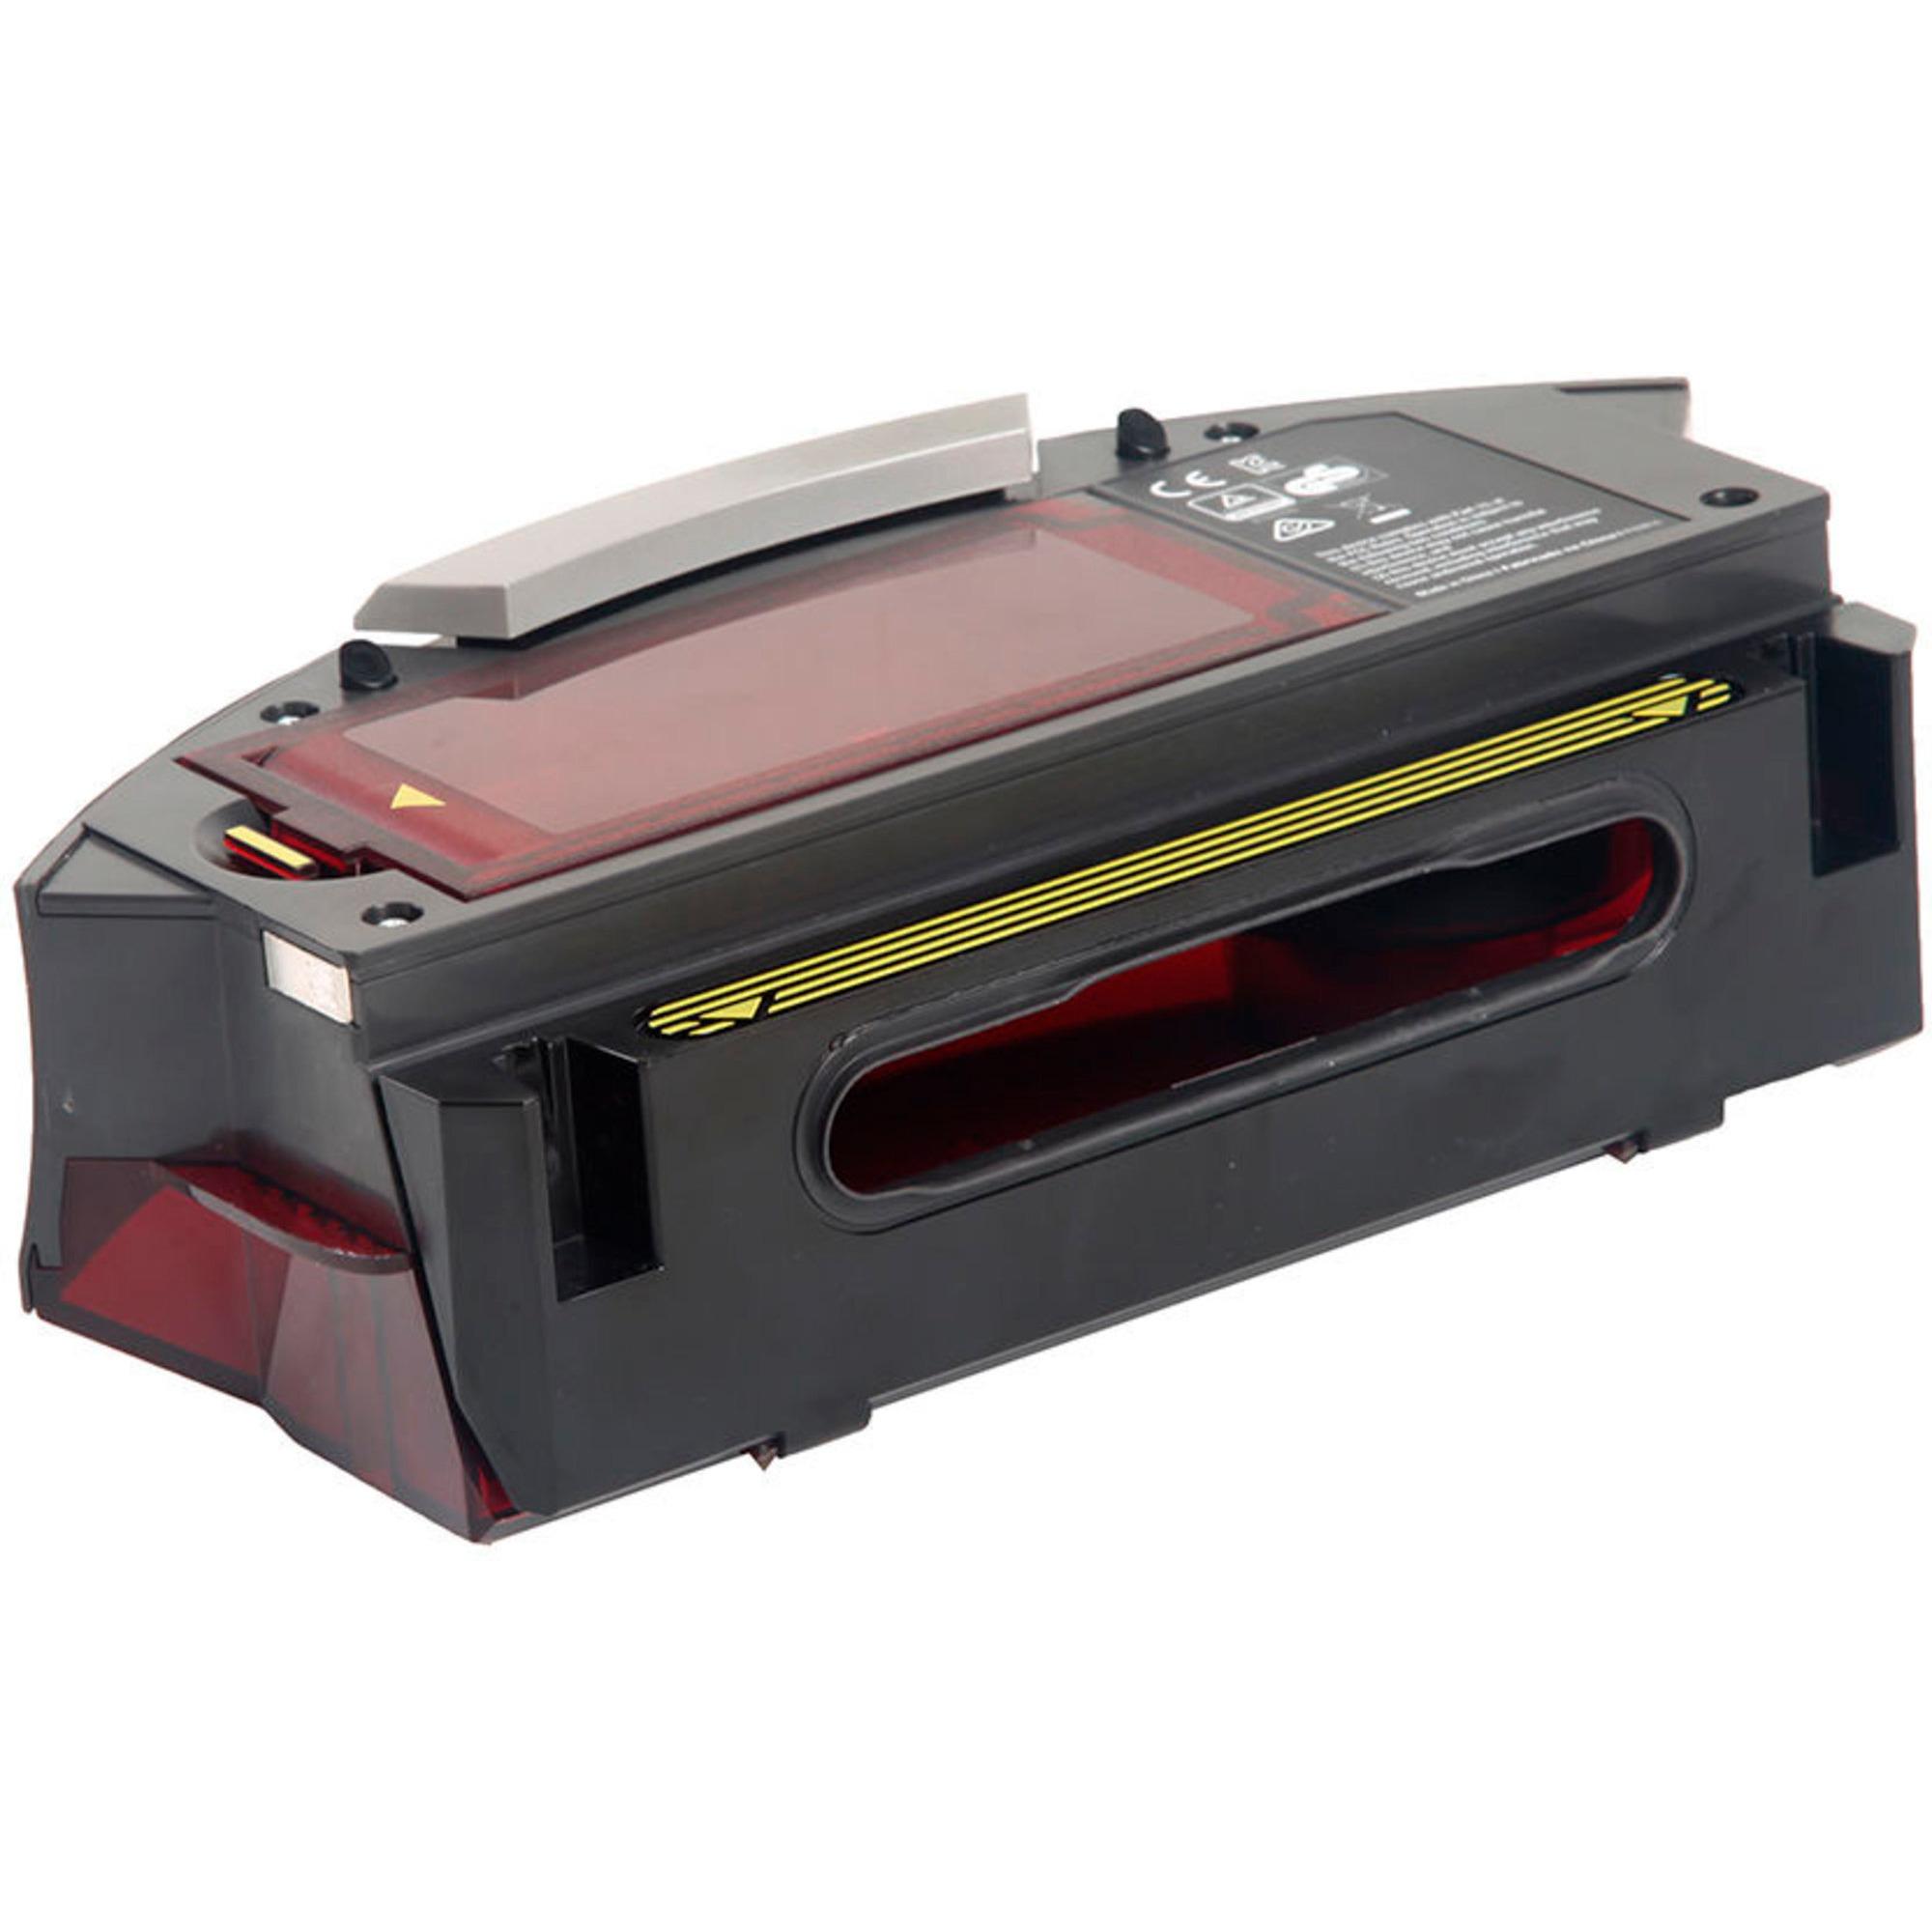 iRobot Roomba 89x dammbehållare